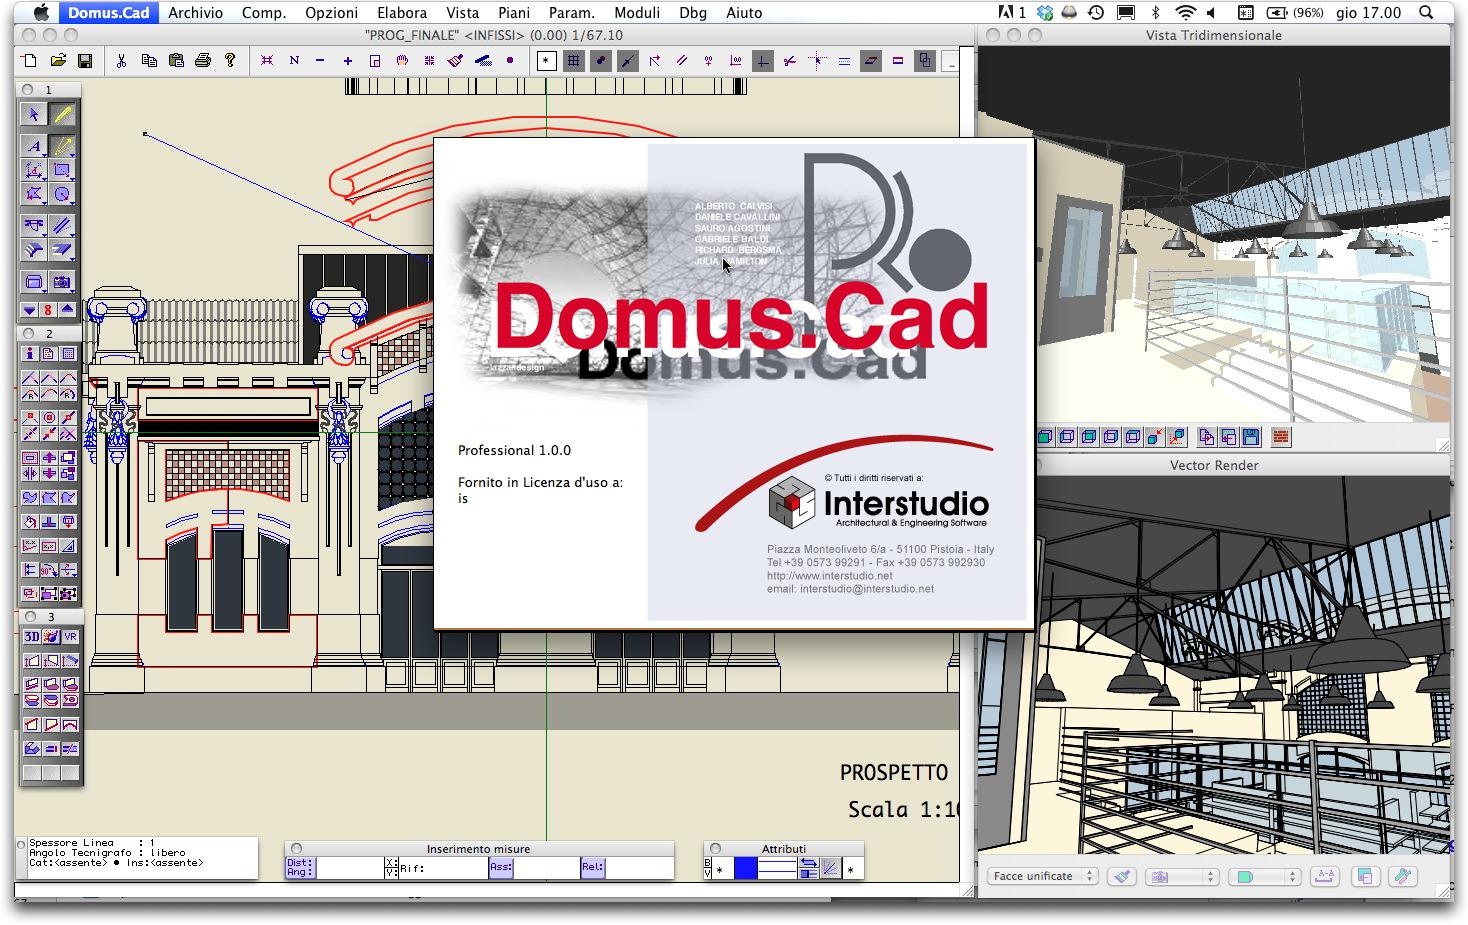 Domus cad pro3 bim portale for Software architettura interni